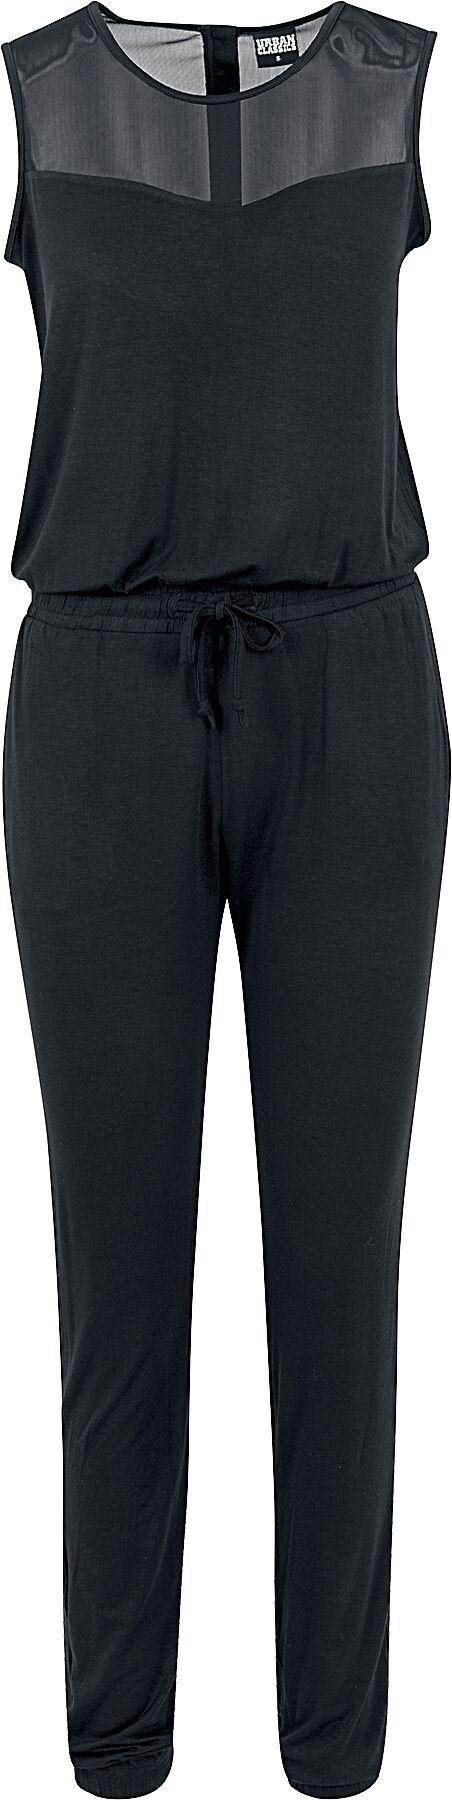 Urban Classics Ladies Tech Mesh Long Jumpsuit Jumpsuit black